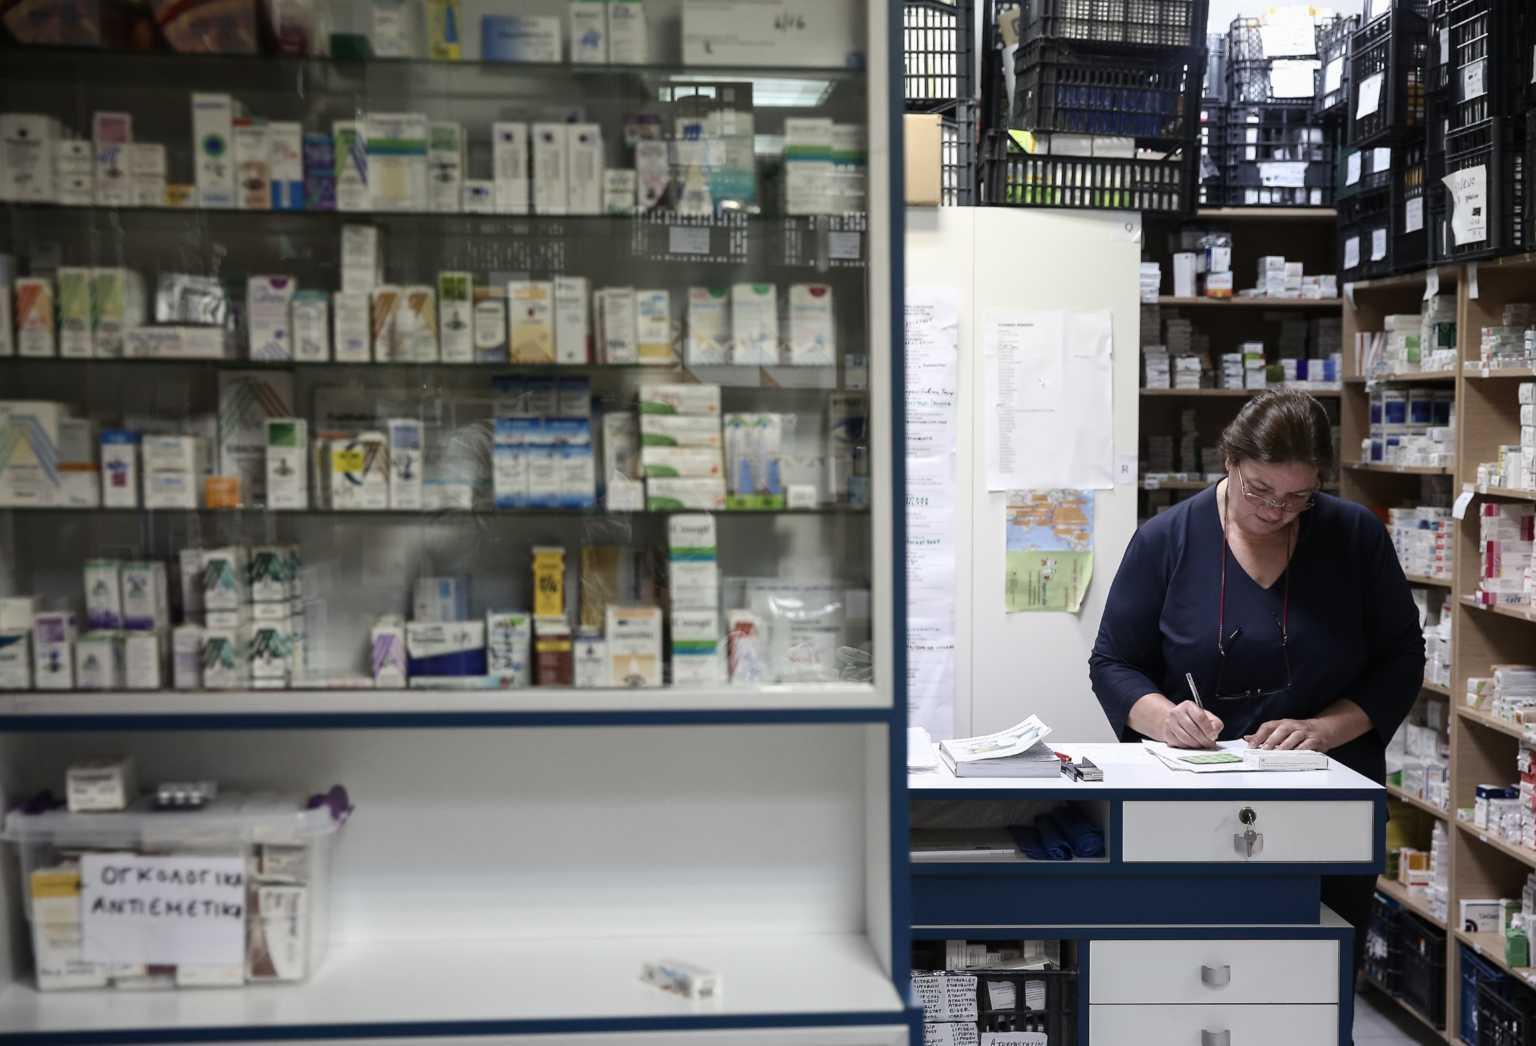 Είσοδος σε φαρμακεία με… ηλεκτρονικό εισιτήριο! Τα νέα δεδομένα από τον ΕΟΠΥΥ